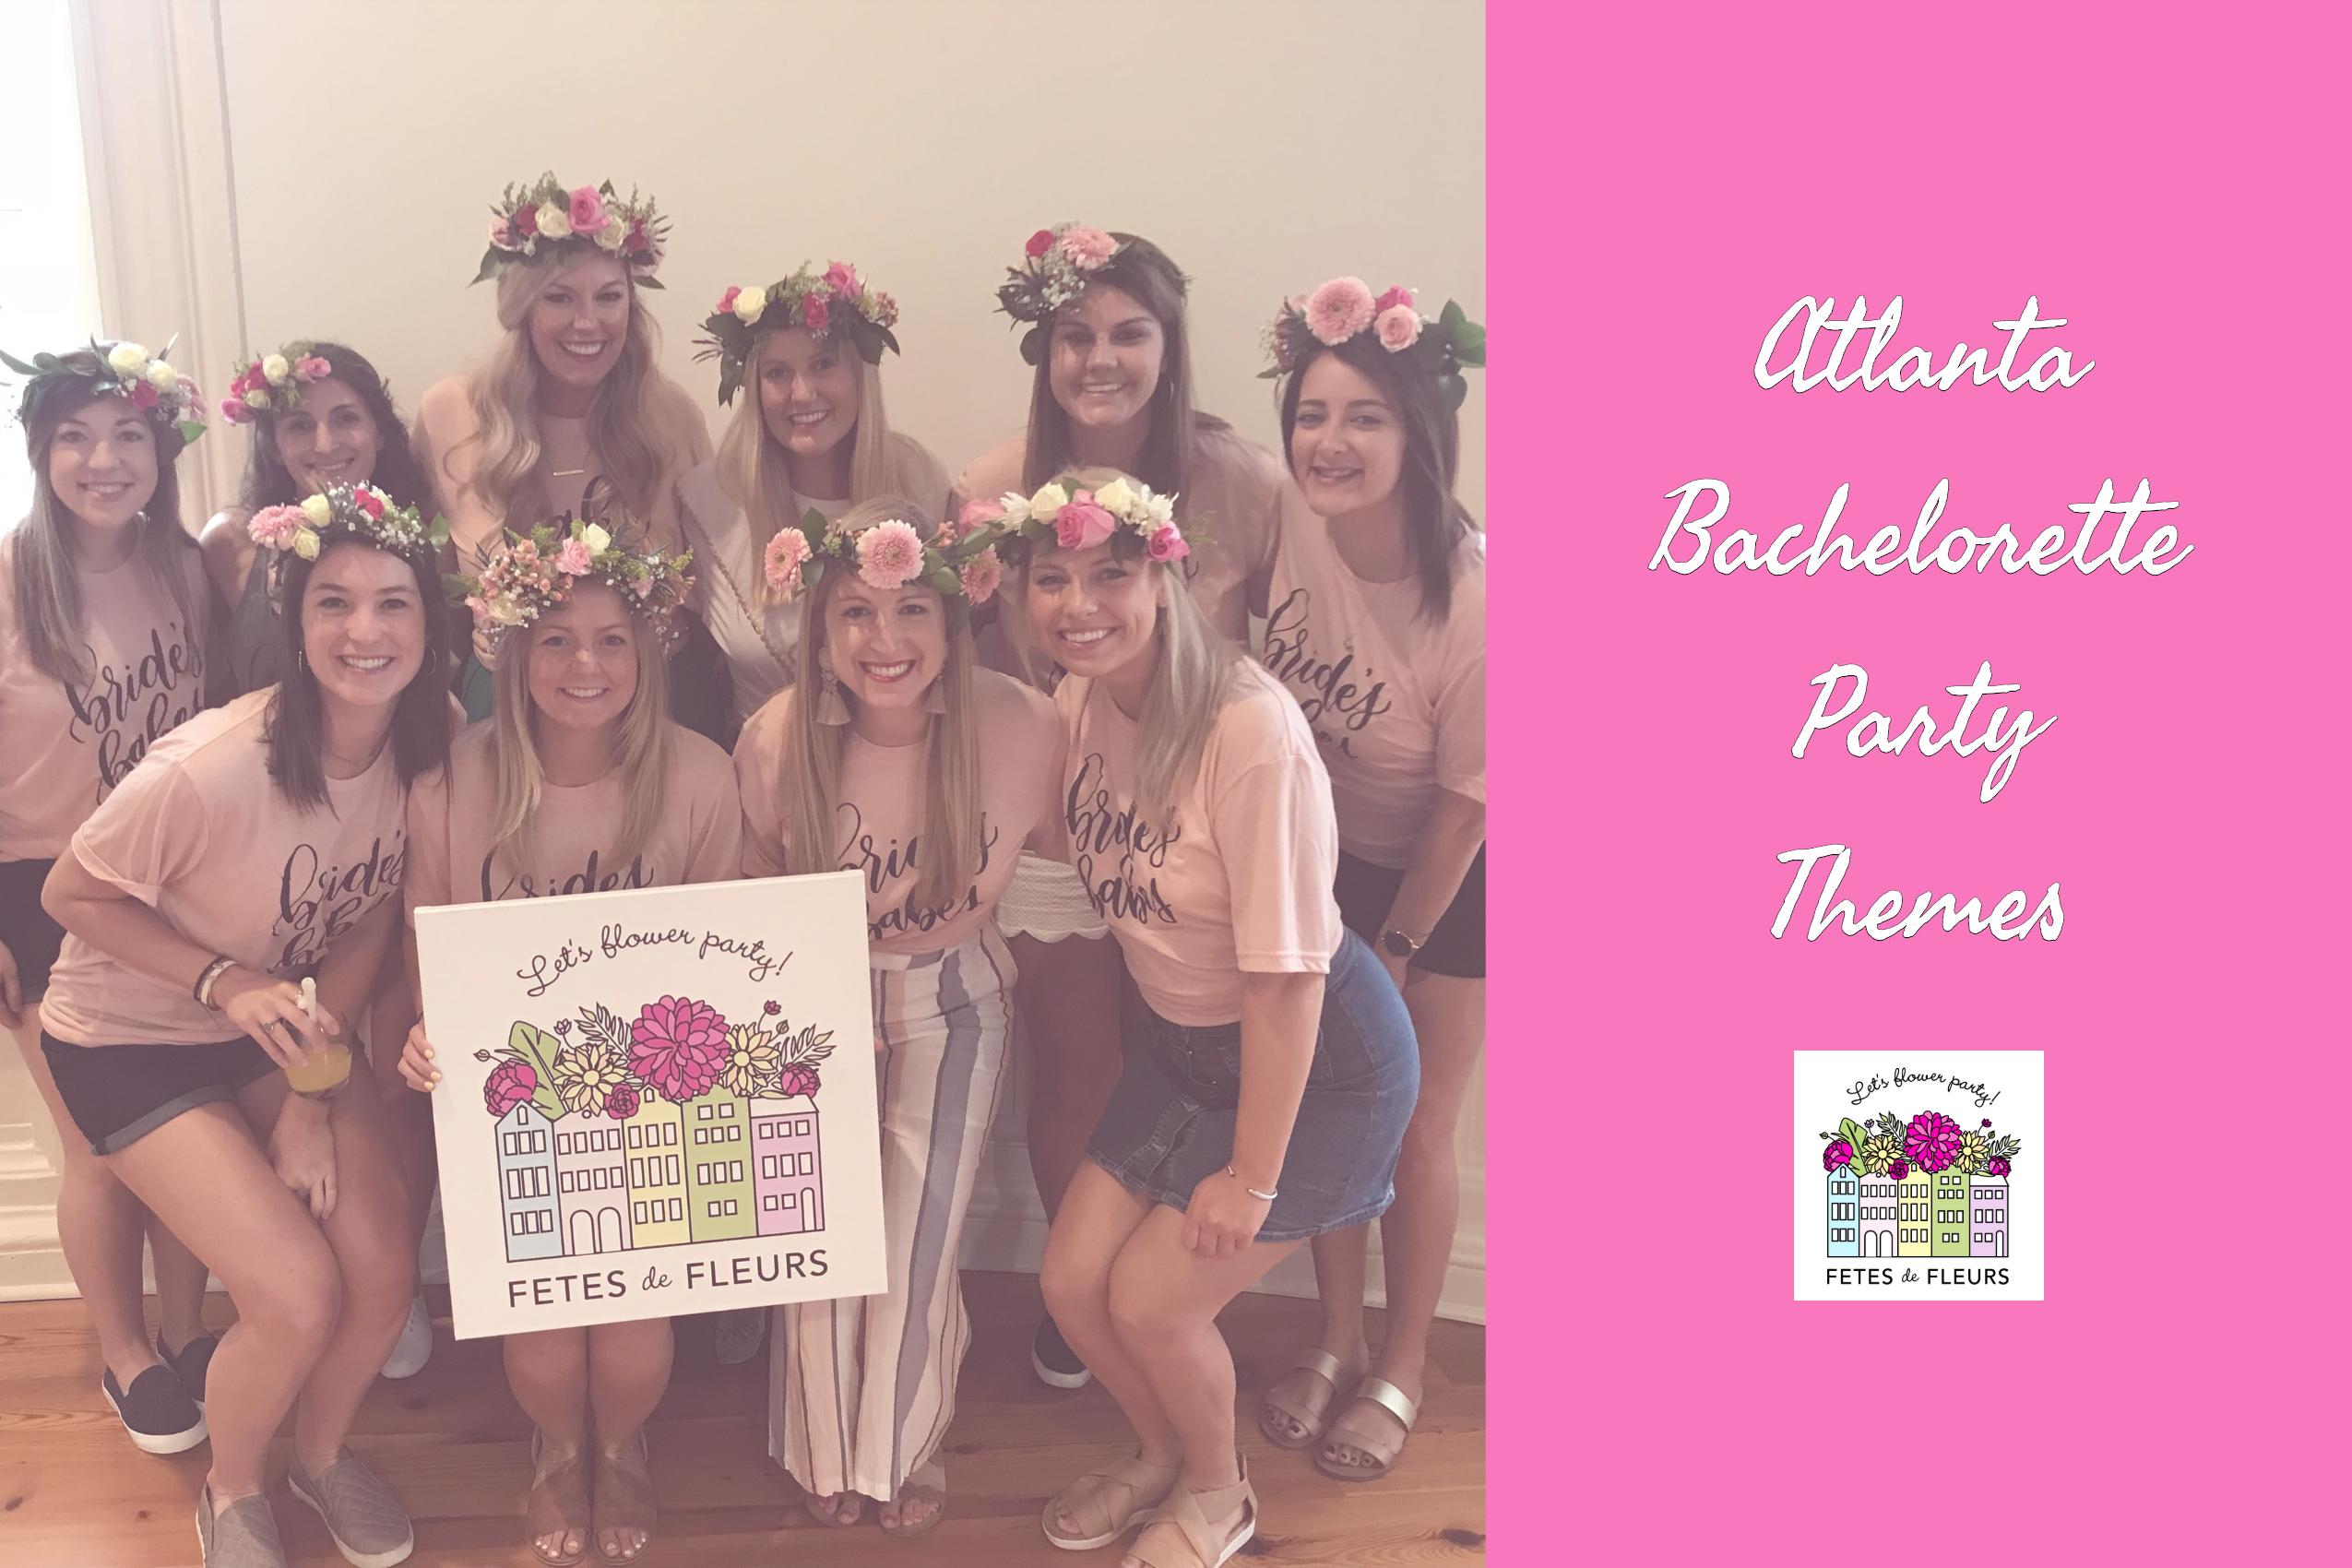 atlanta bachelorette party themes